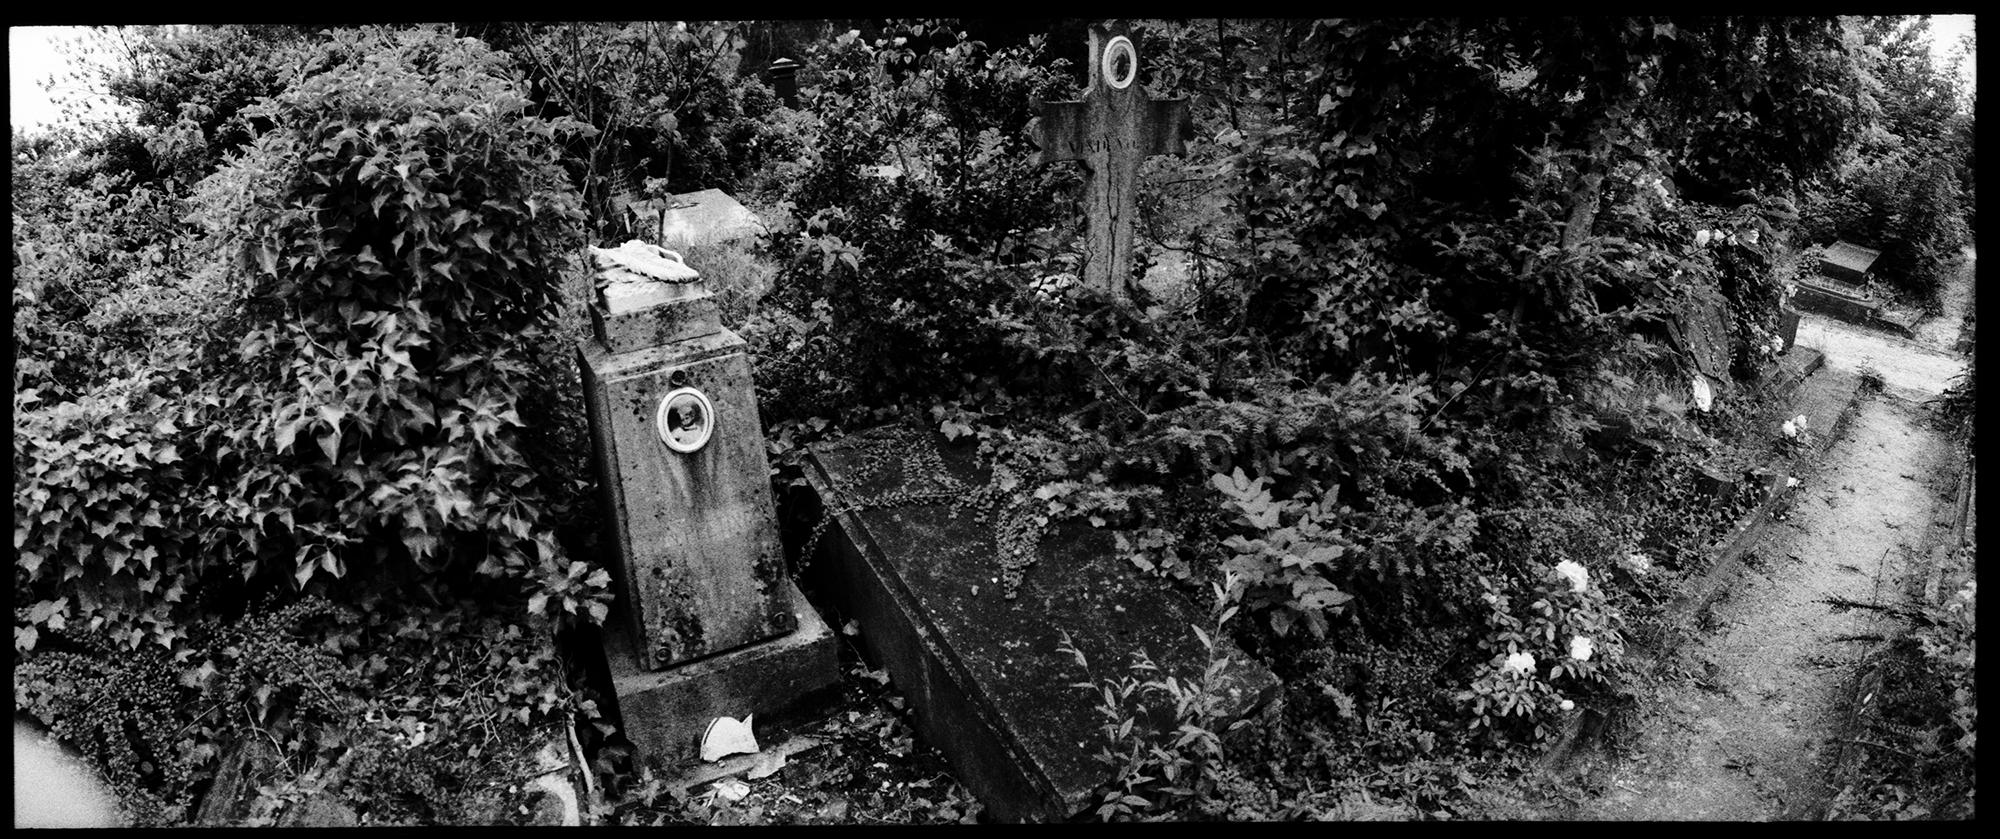 Dieweg Cemetery by Laurent Orseau #49